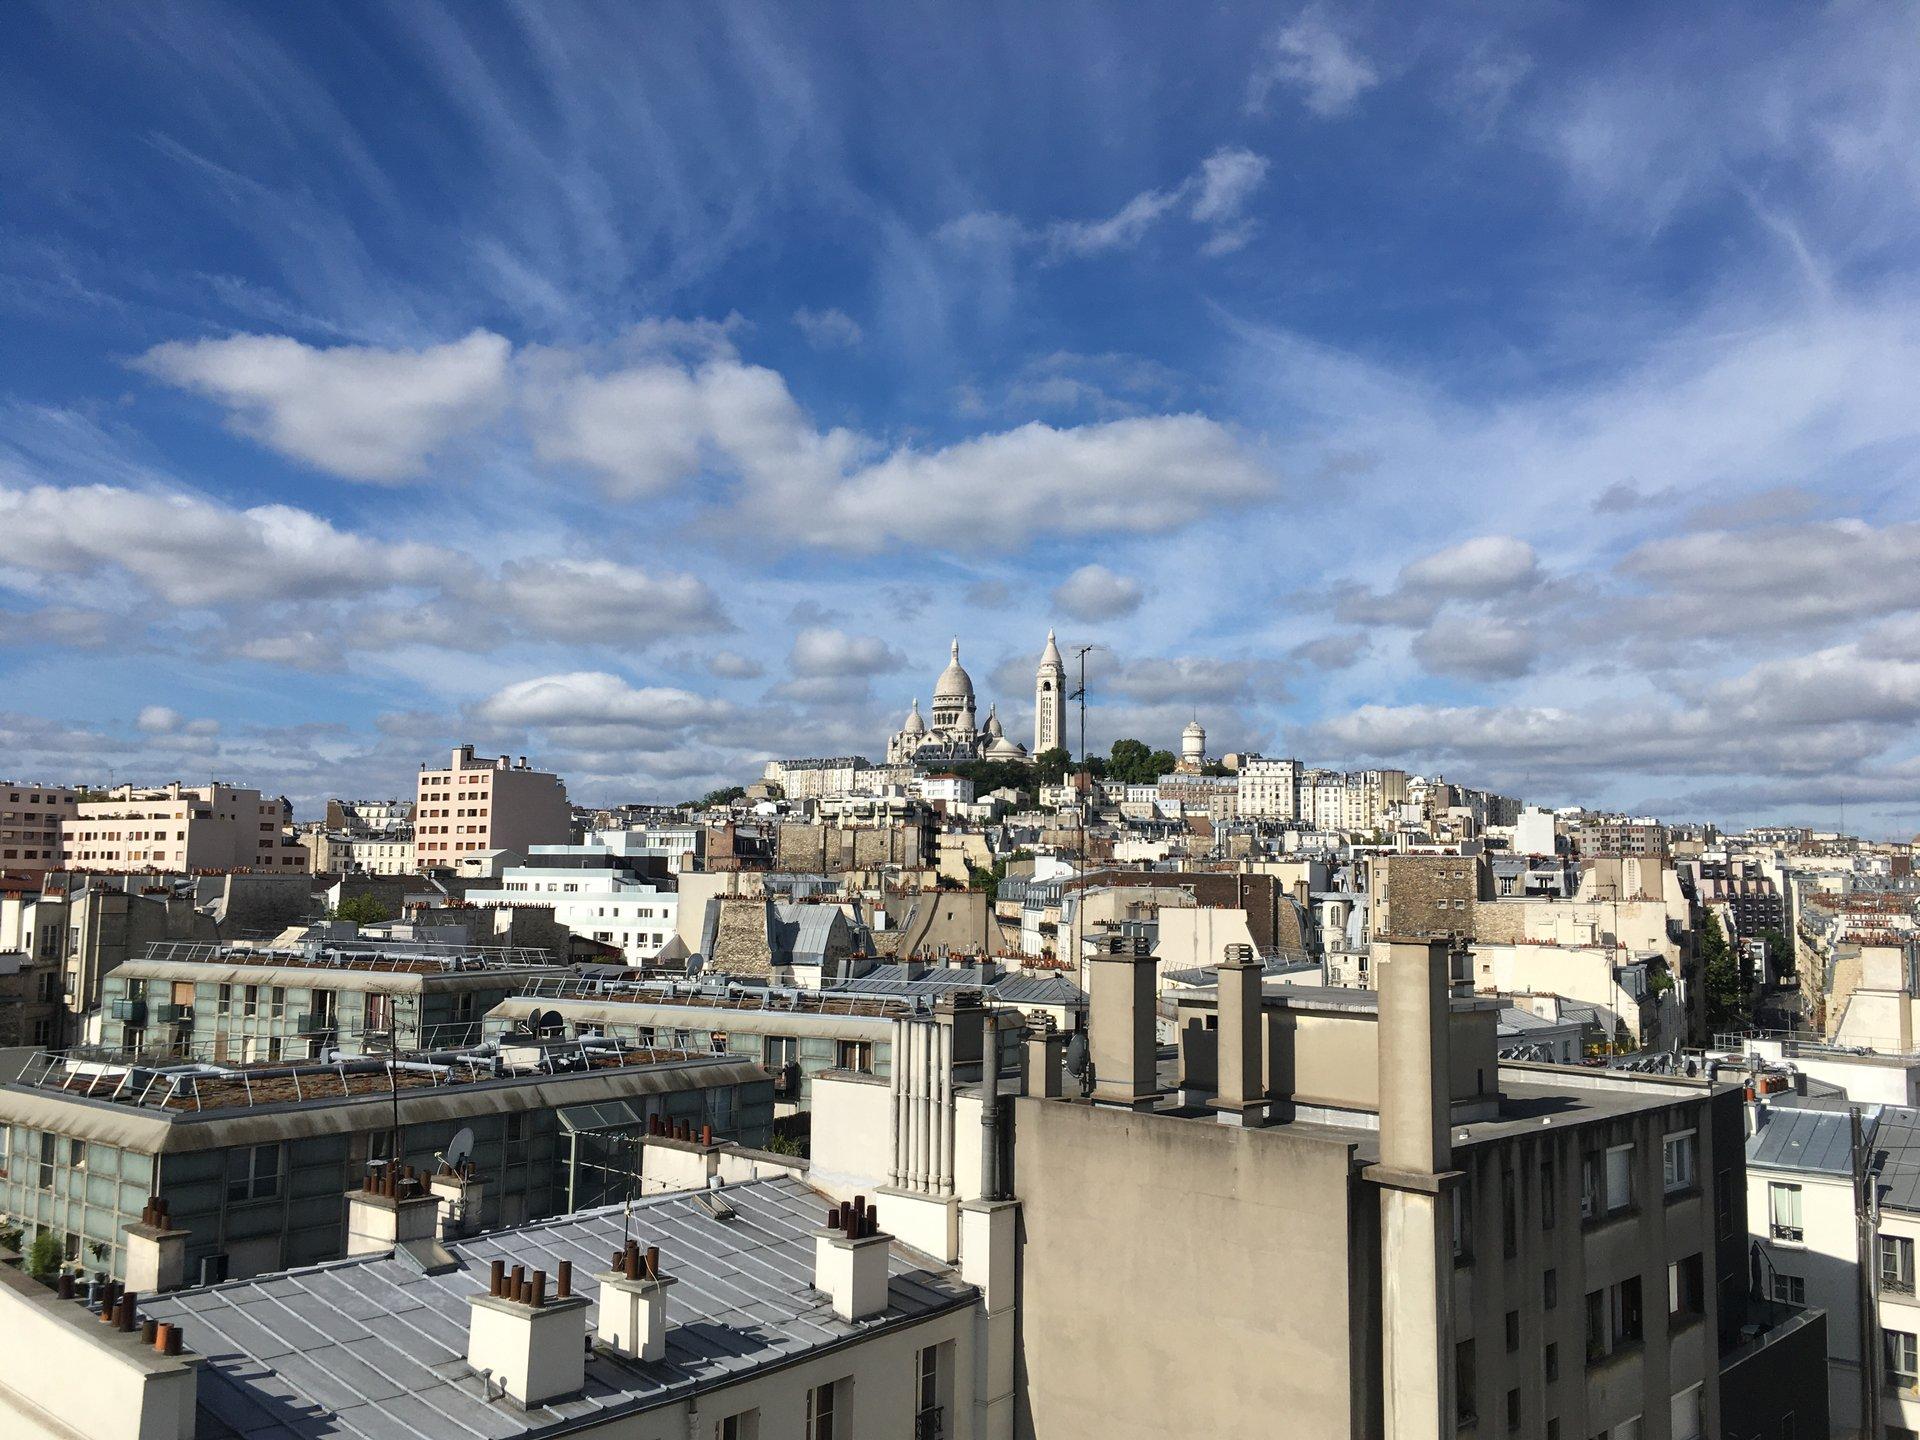 Paris - XVIII- ORDENER / MARCADET - M° Marcadet Poissonniers - 5 PIÈCES - 2 CHAMBRES + BUREAU - DERNIER ÉTAGE ASCENSEUR - TERRASSE - VUE MONUMENT - AUCUN VIS-À-VIS - SOLEIL - CALME